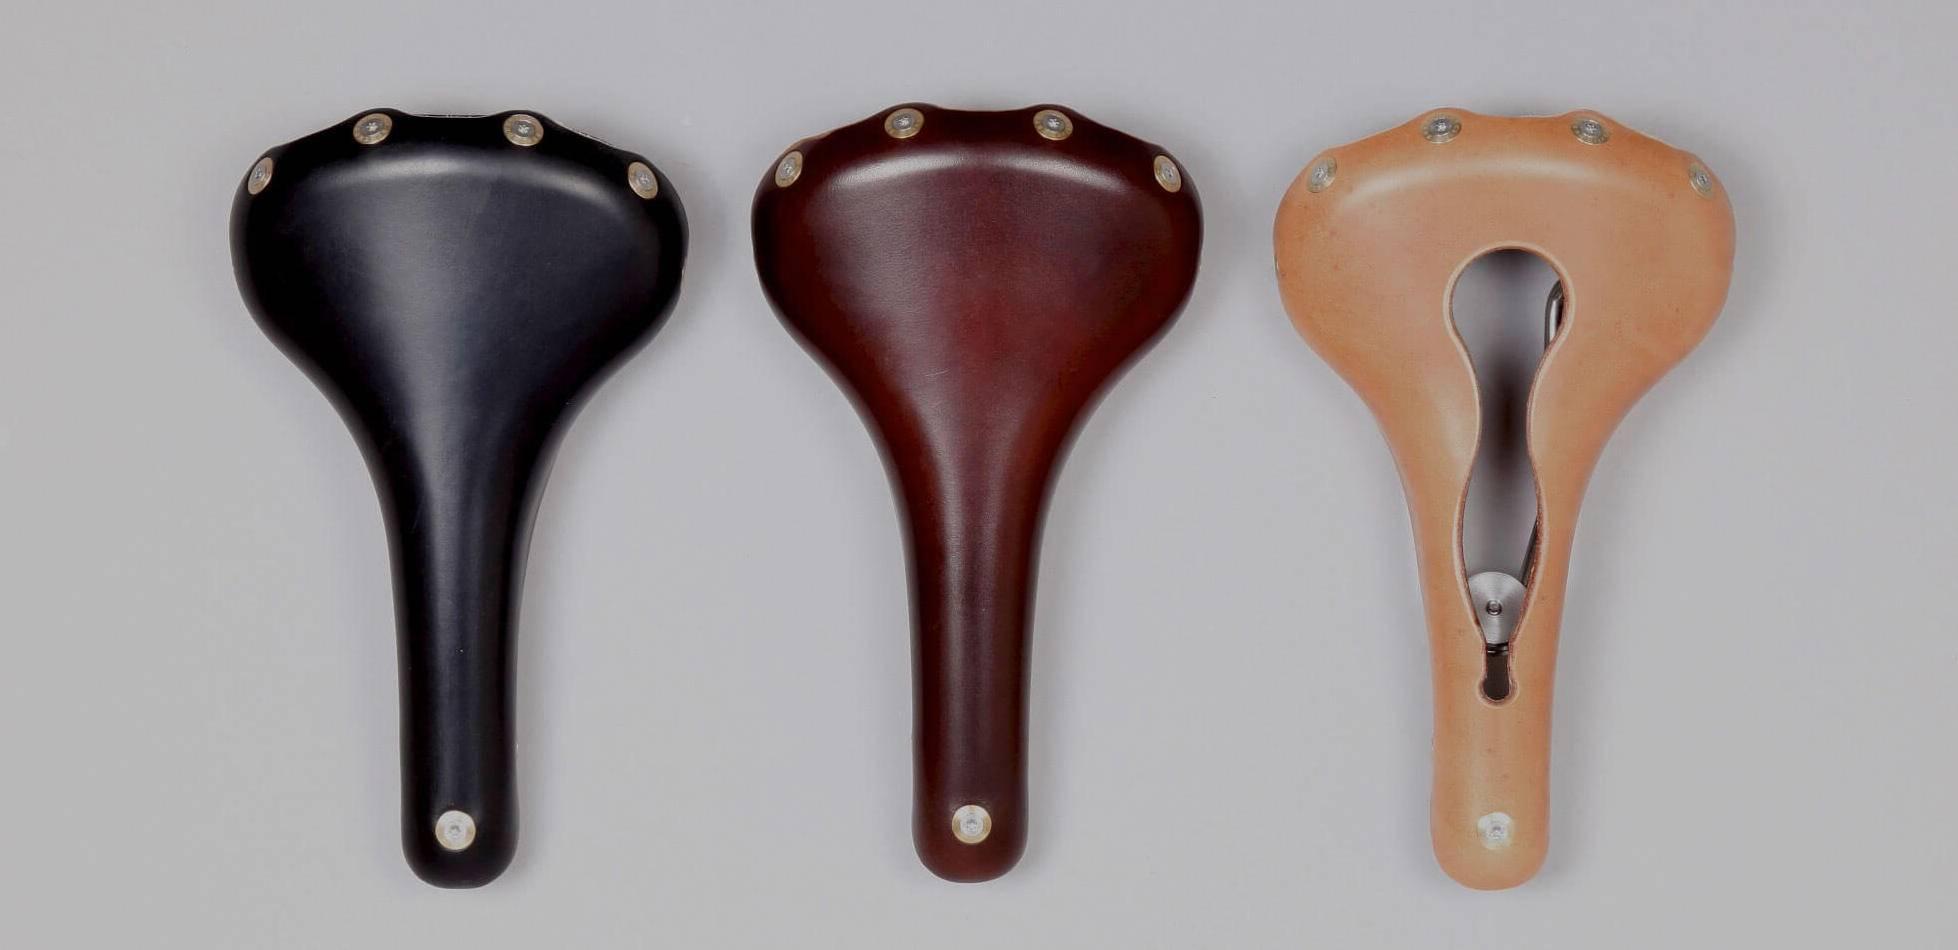 Berthoud saddles